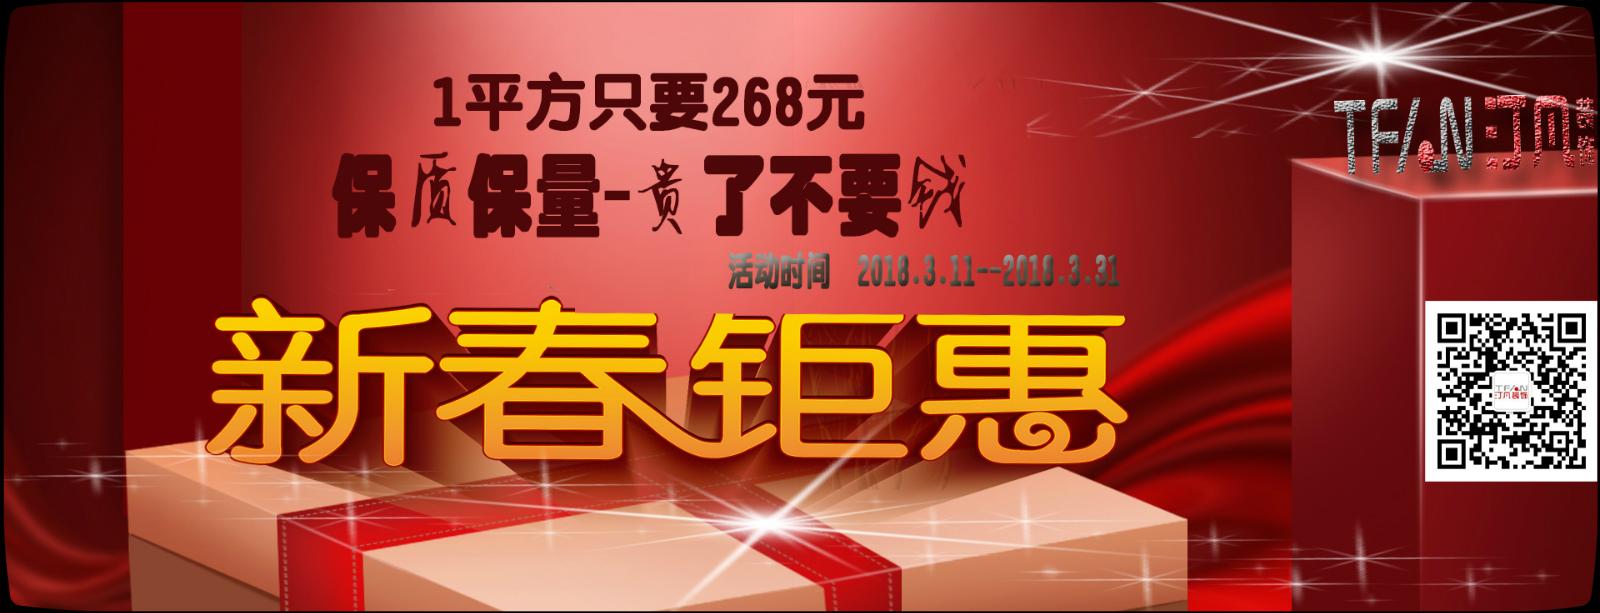 汀凡装饰 新春聚惠·1平方268元